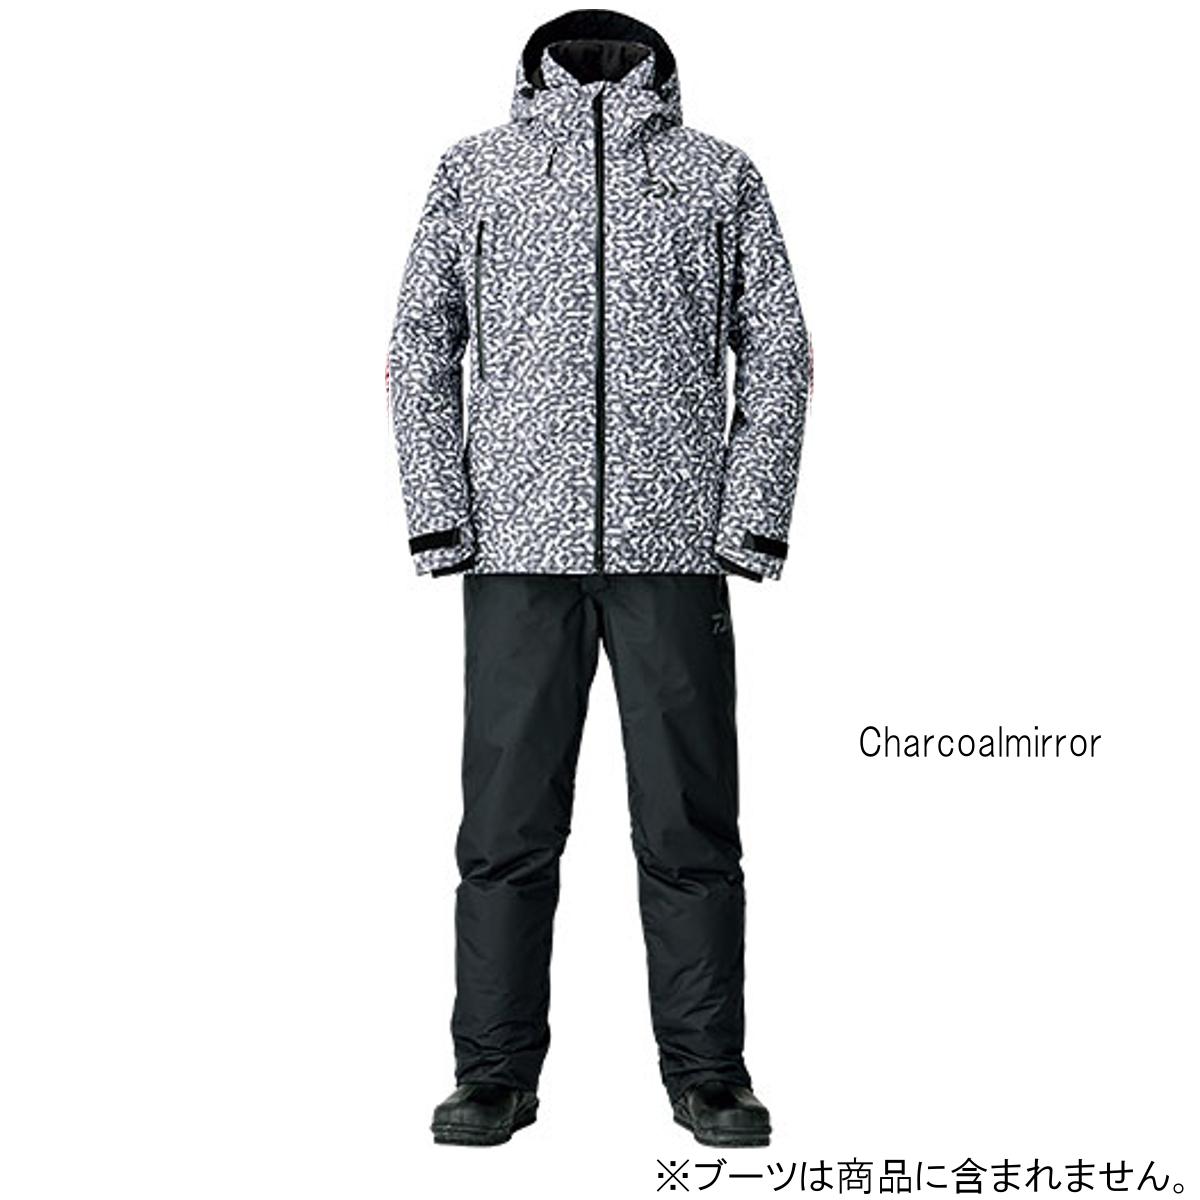 ダイワ レインマックス ウィンタースーツ DW-3108 M Charcoalmirror(東日本店)